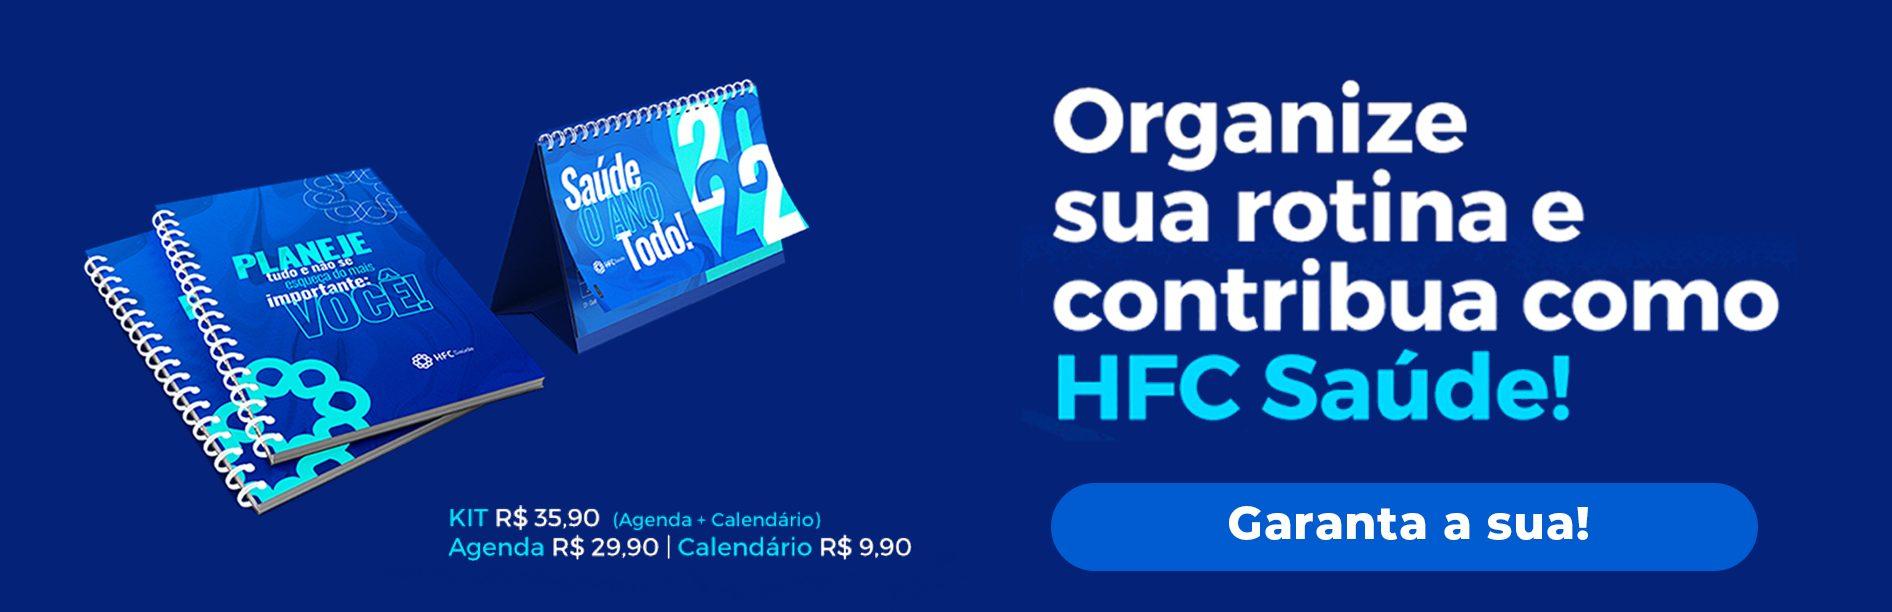 Conheça os produtos da nossa loja e colabore com o HFC